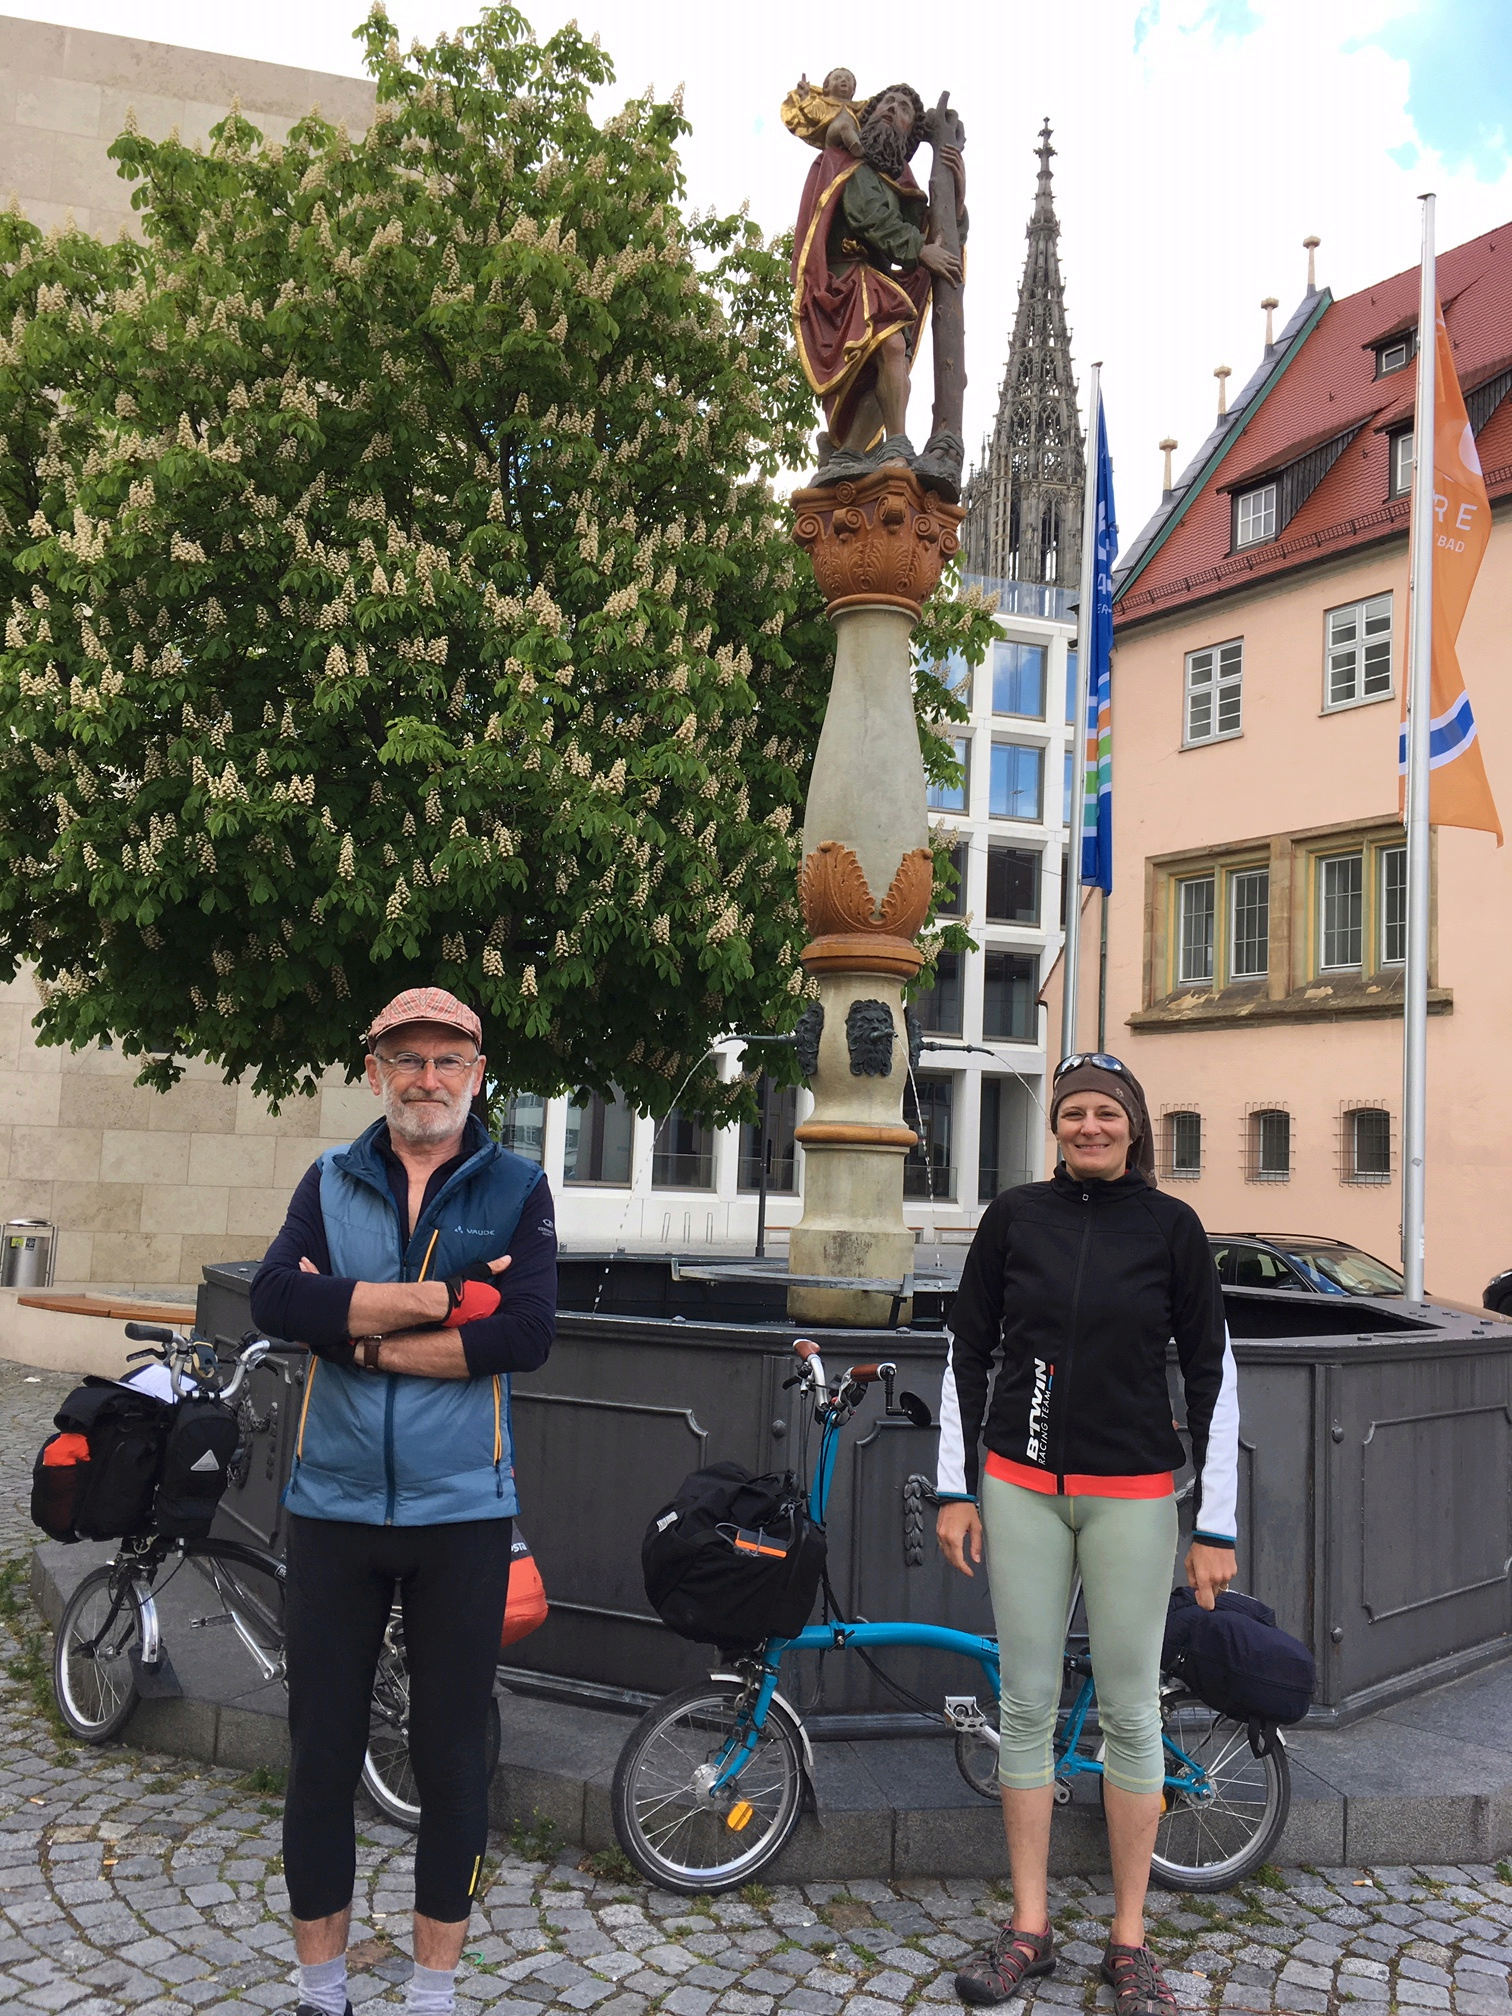 Mulhouse - Budapest sur l'EuroVélo 6 [12 mai au 3 juin 2019] saison 14 •Bƒ   Sans-t11